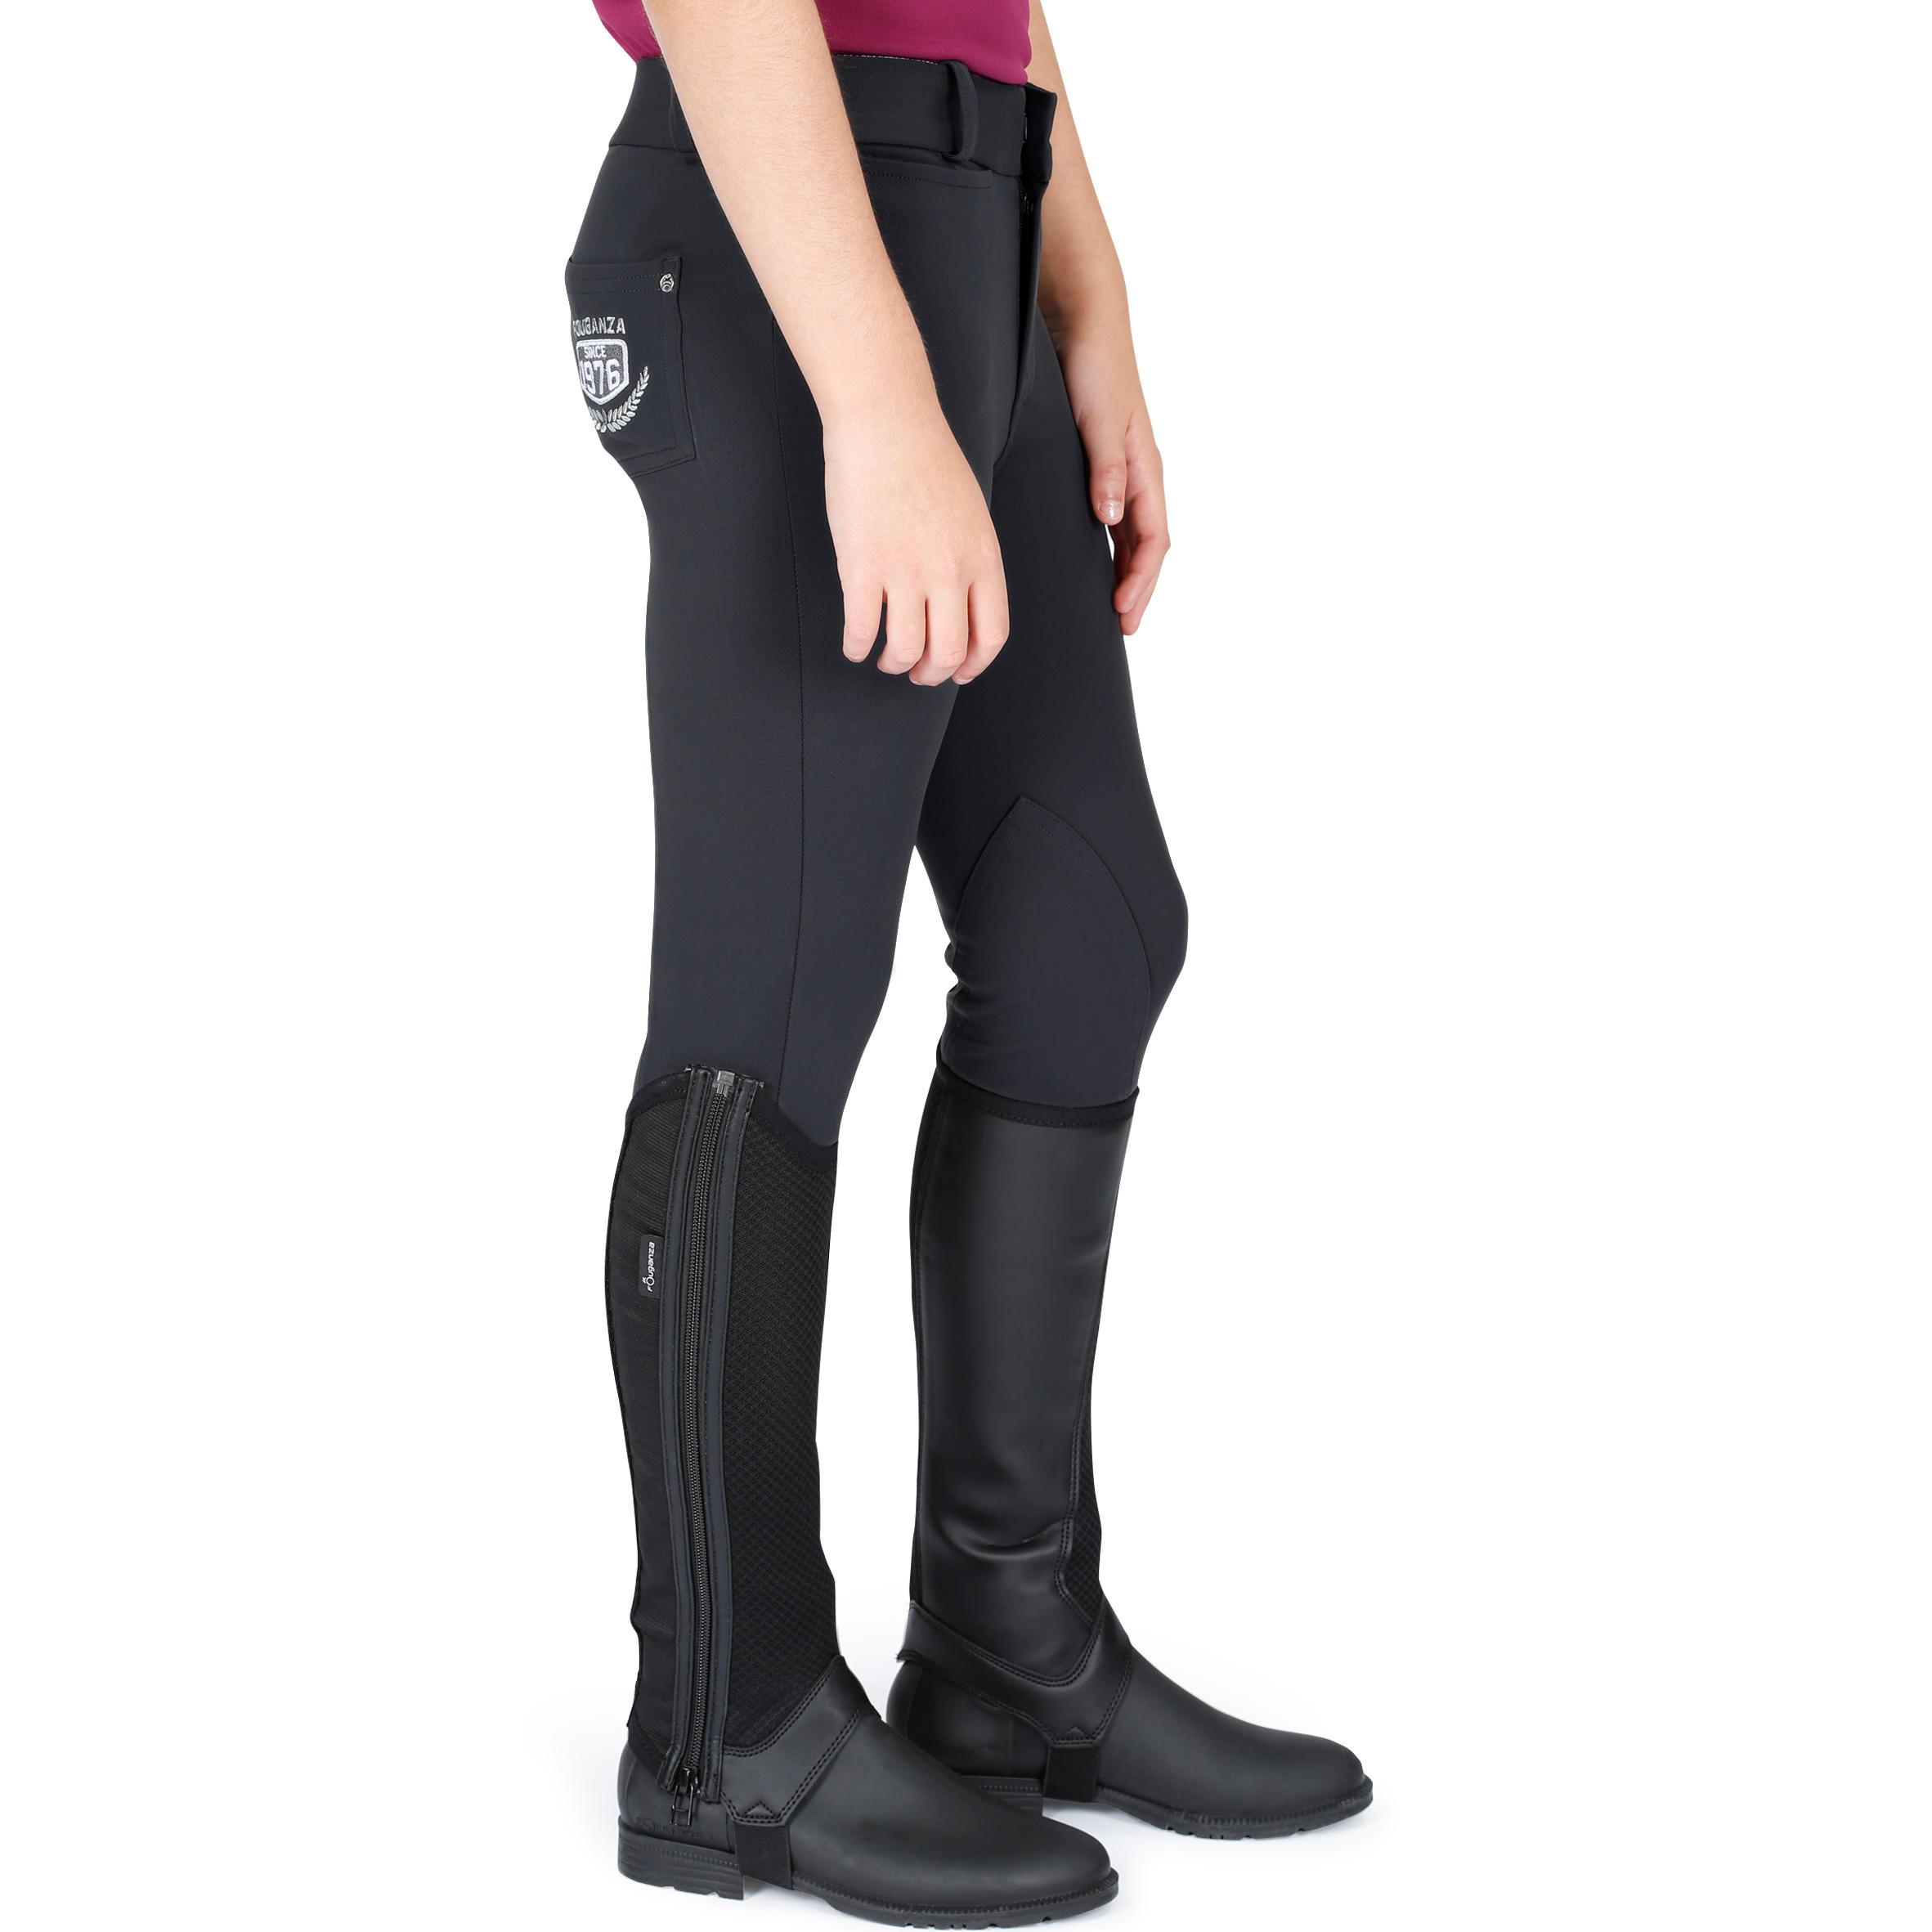 Pantalon équitation enfant BR100 LÉGER gris